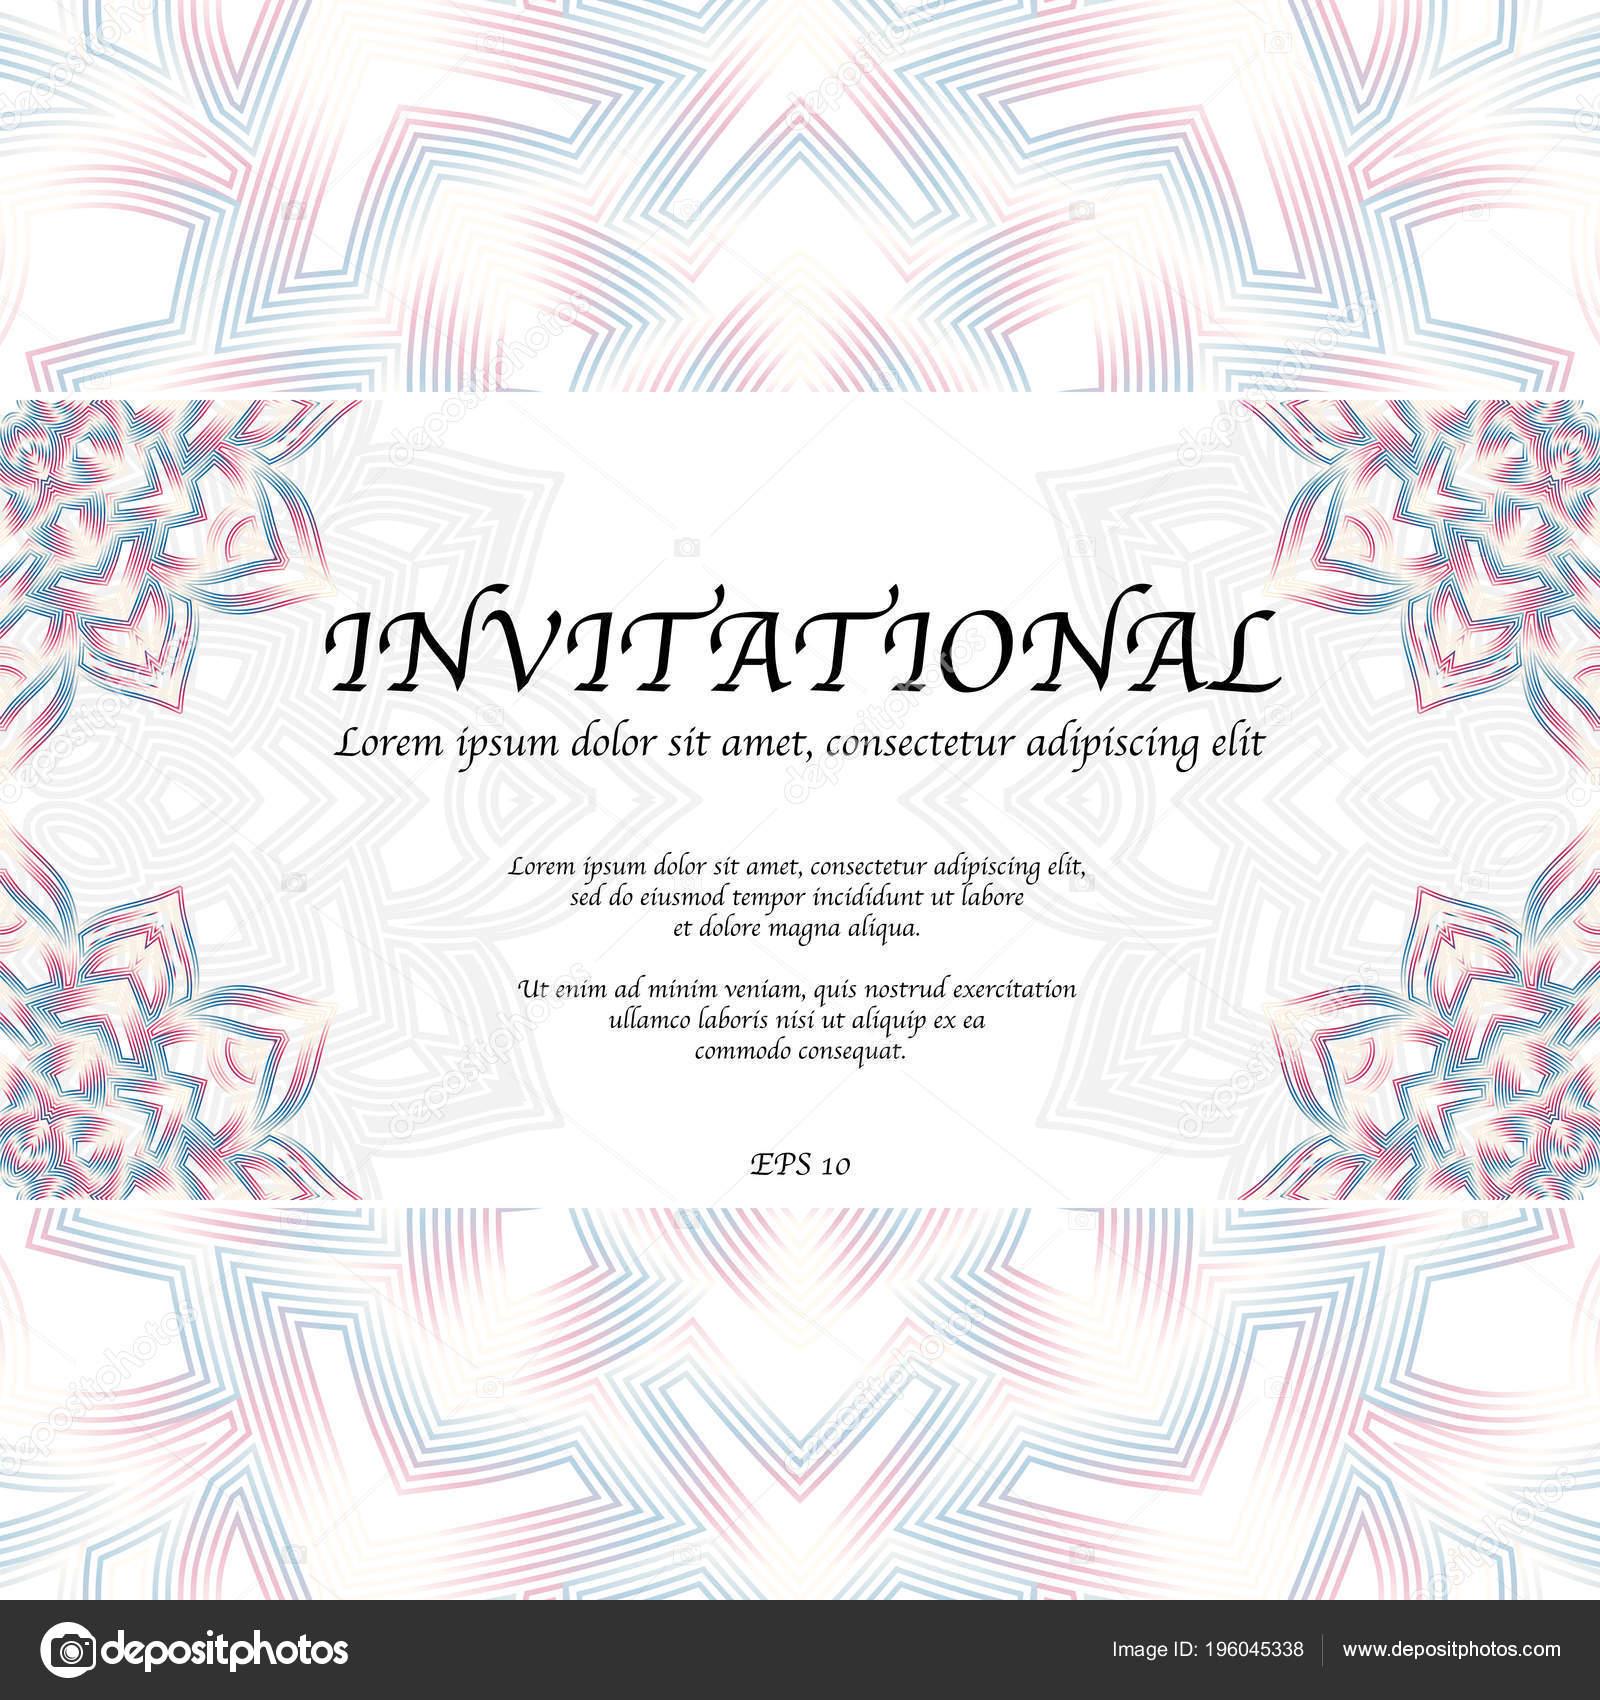 Mandala Abstracto Fondo Con Tarjeta Por Invitación Texto